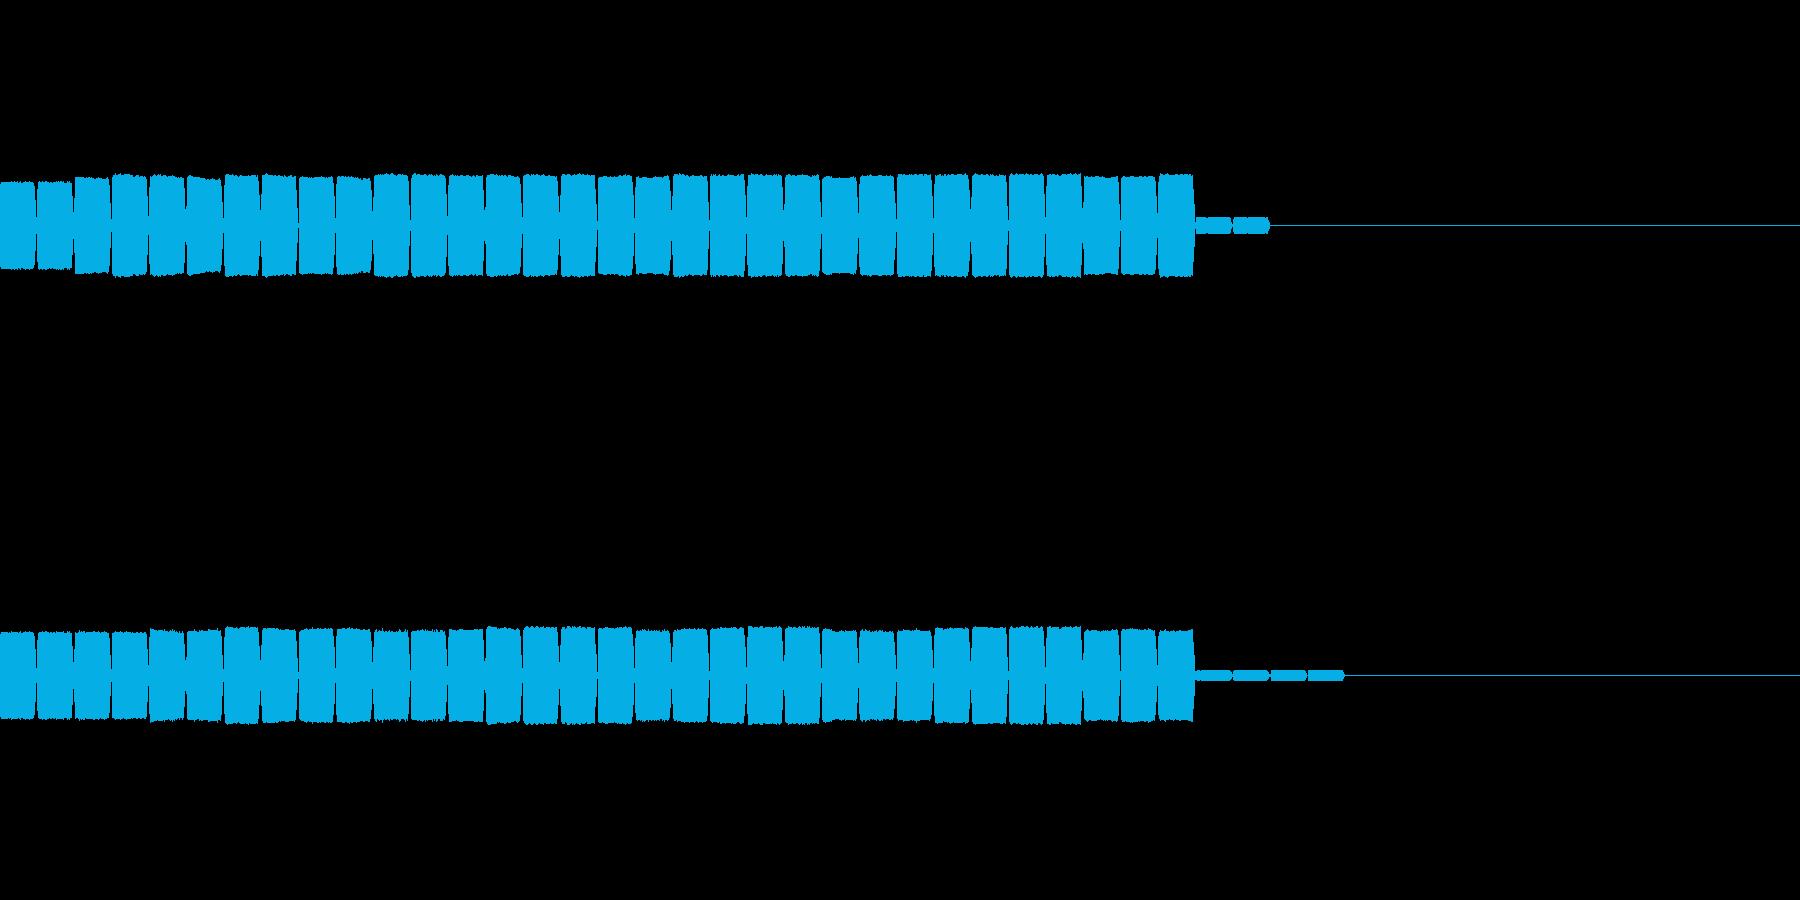 クリア後の点数の加算時の効果音の再生済みの波形